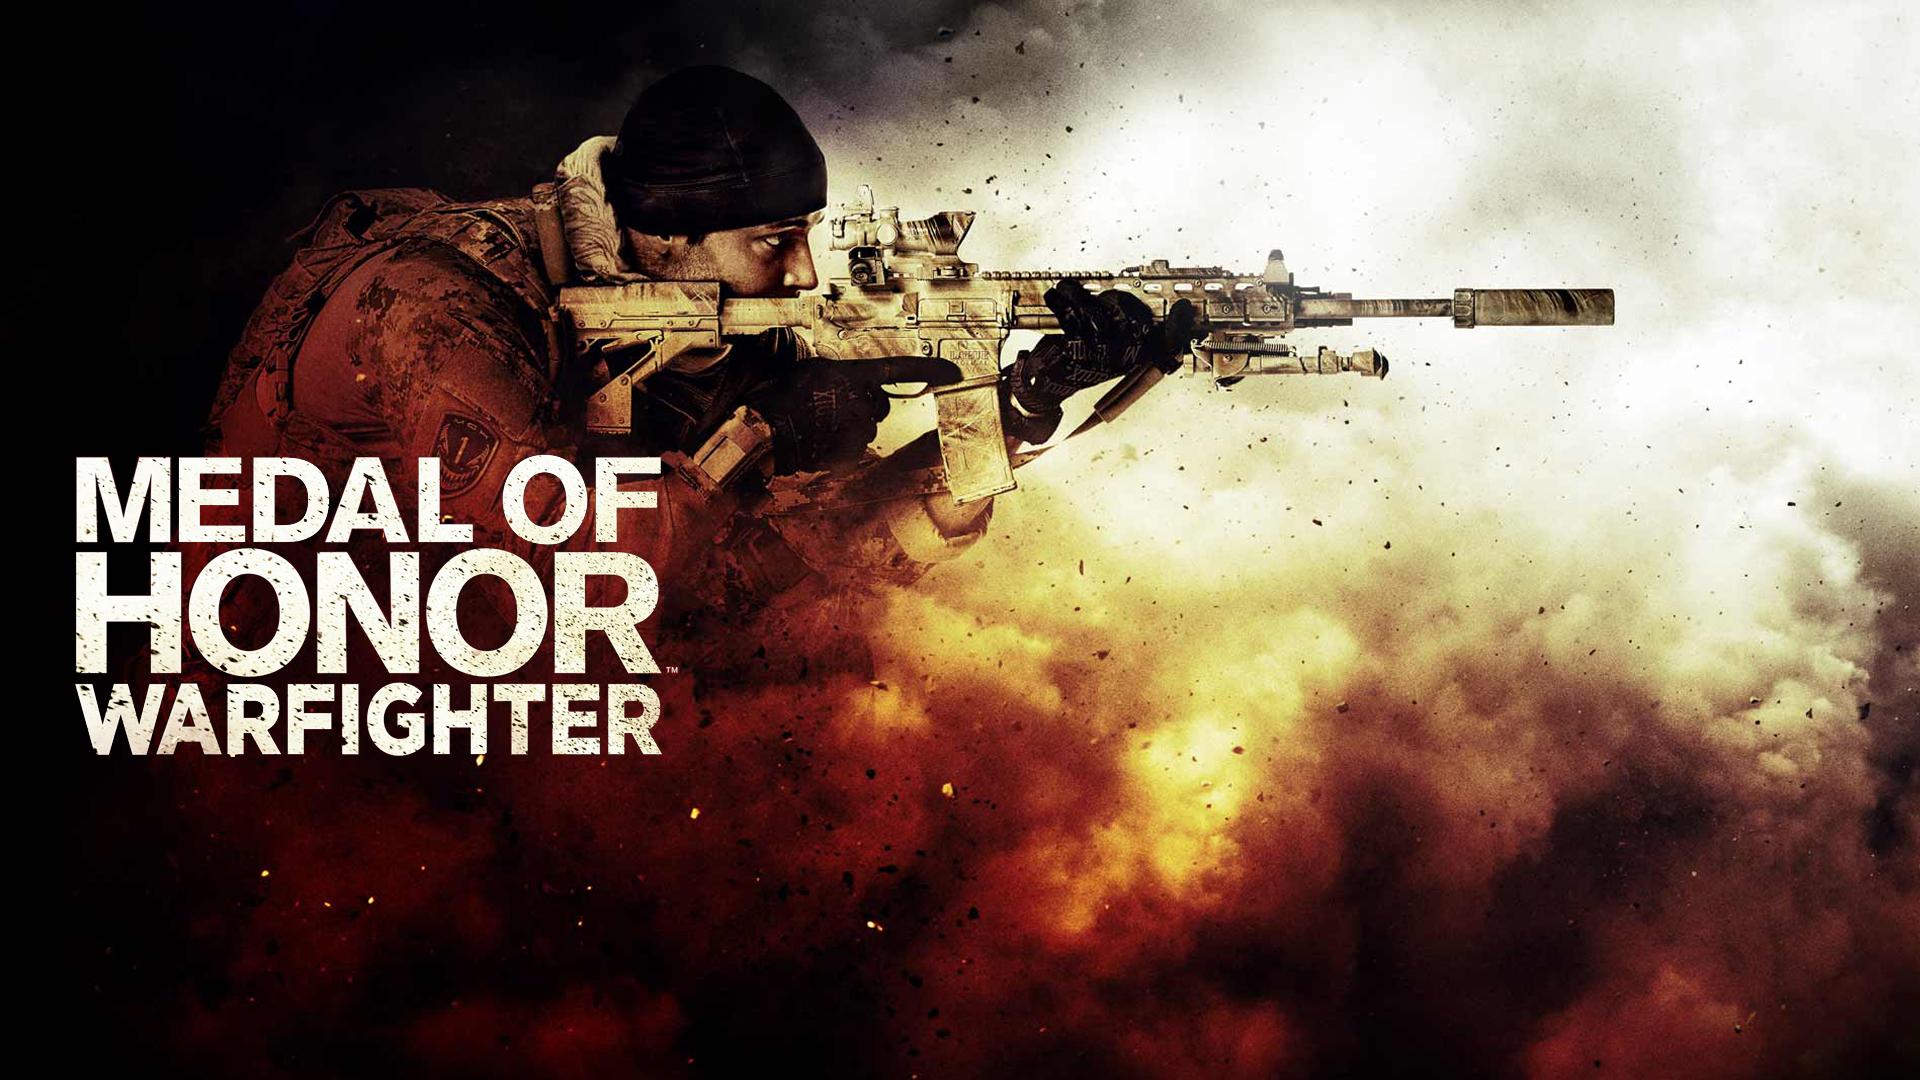 Medal of Honor Warfighter Wallpaper #8 by xKirbz on DeviantArt